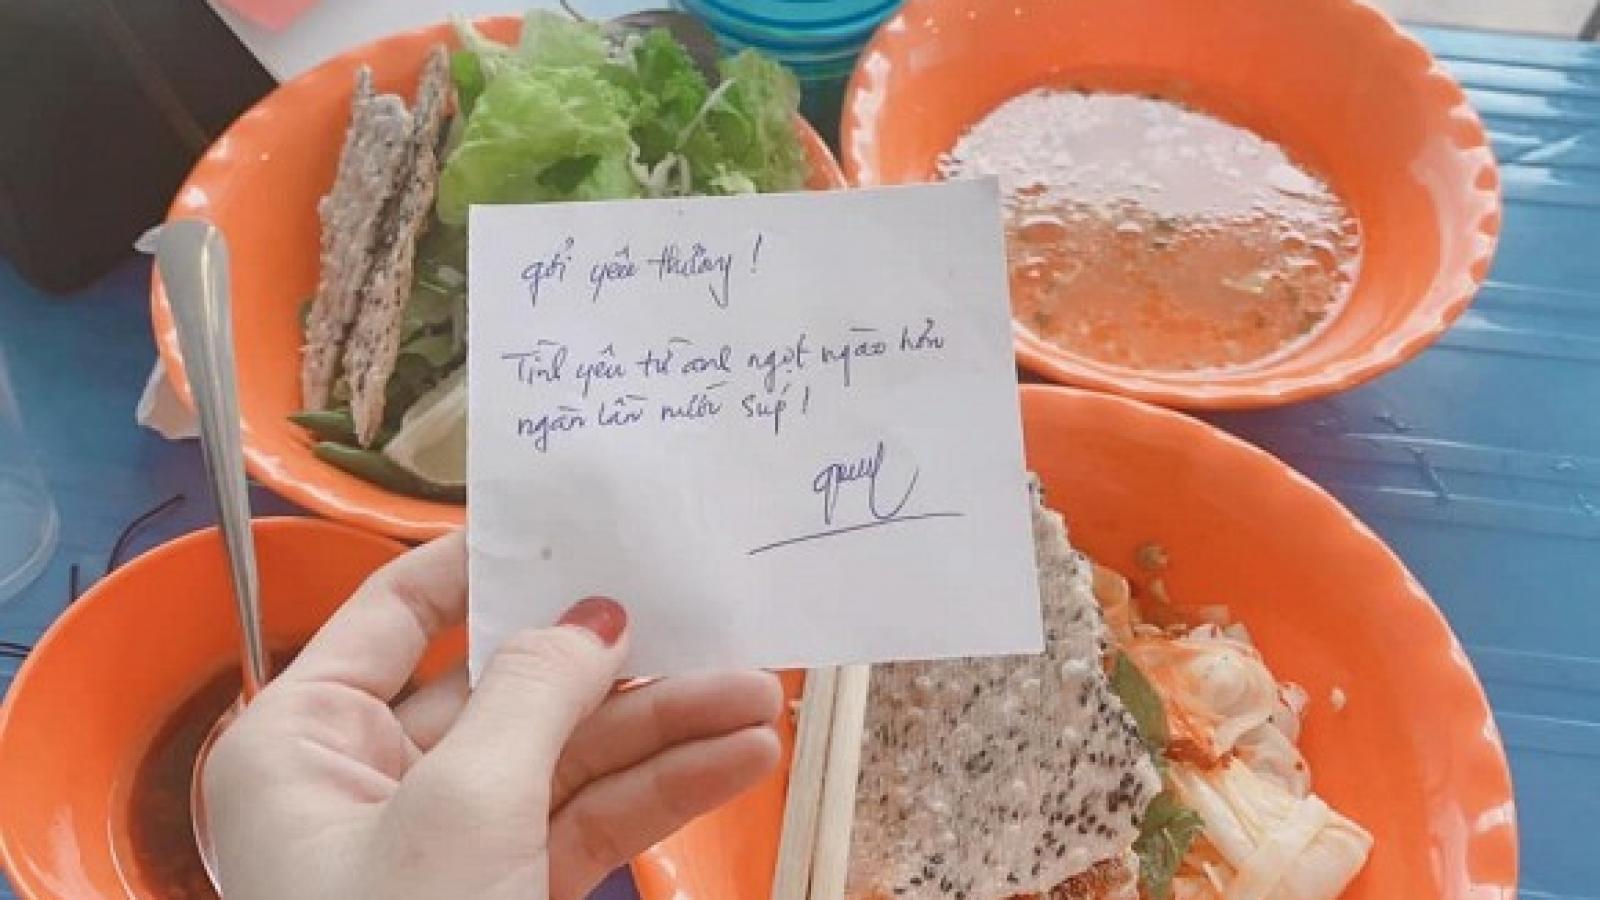 Chuyện showbiz: Nhã Phương nhận được món ăn và lời nhắn cực ngọt từ ông xã Trường Giang